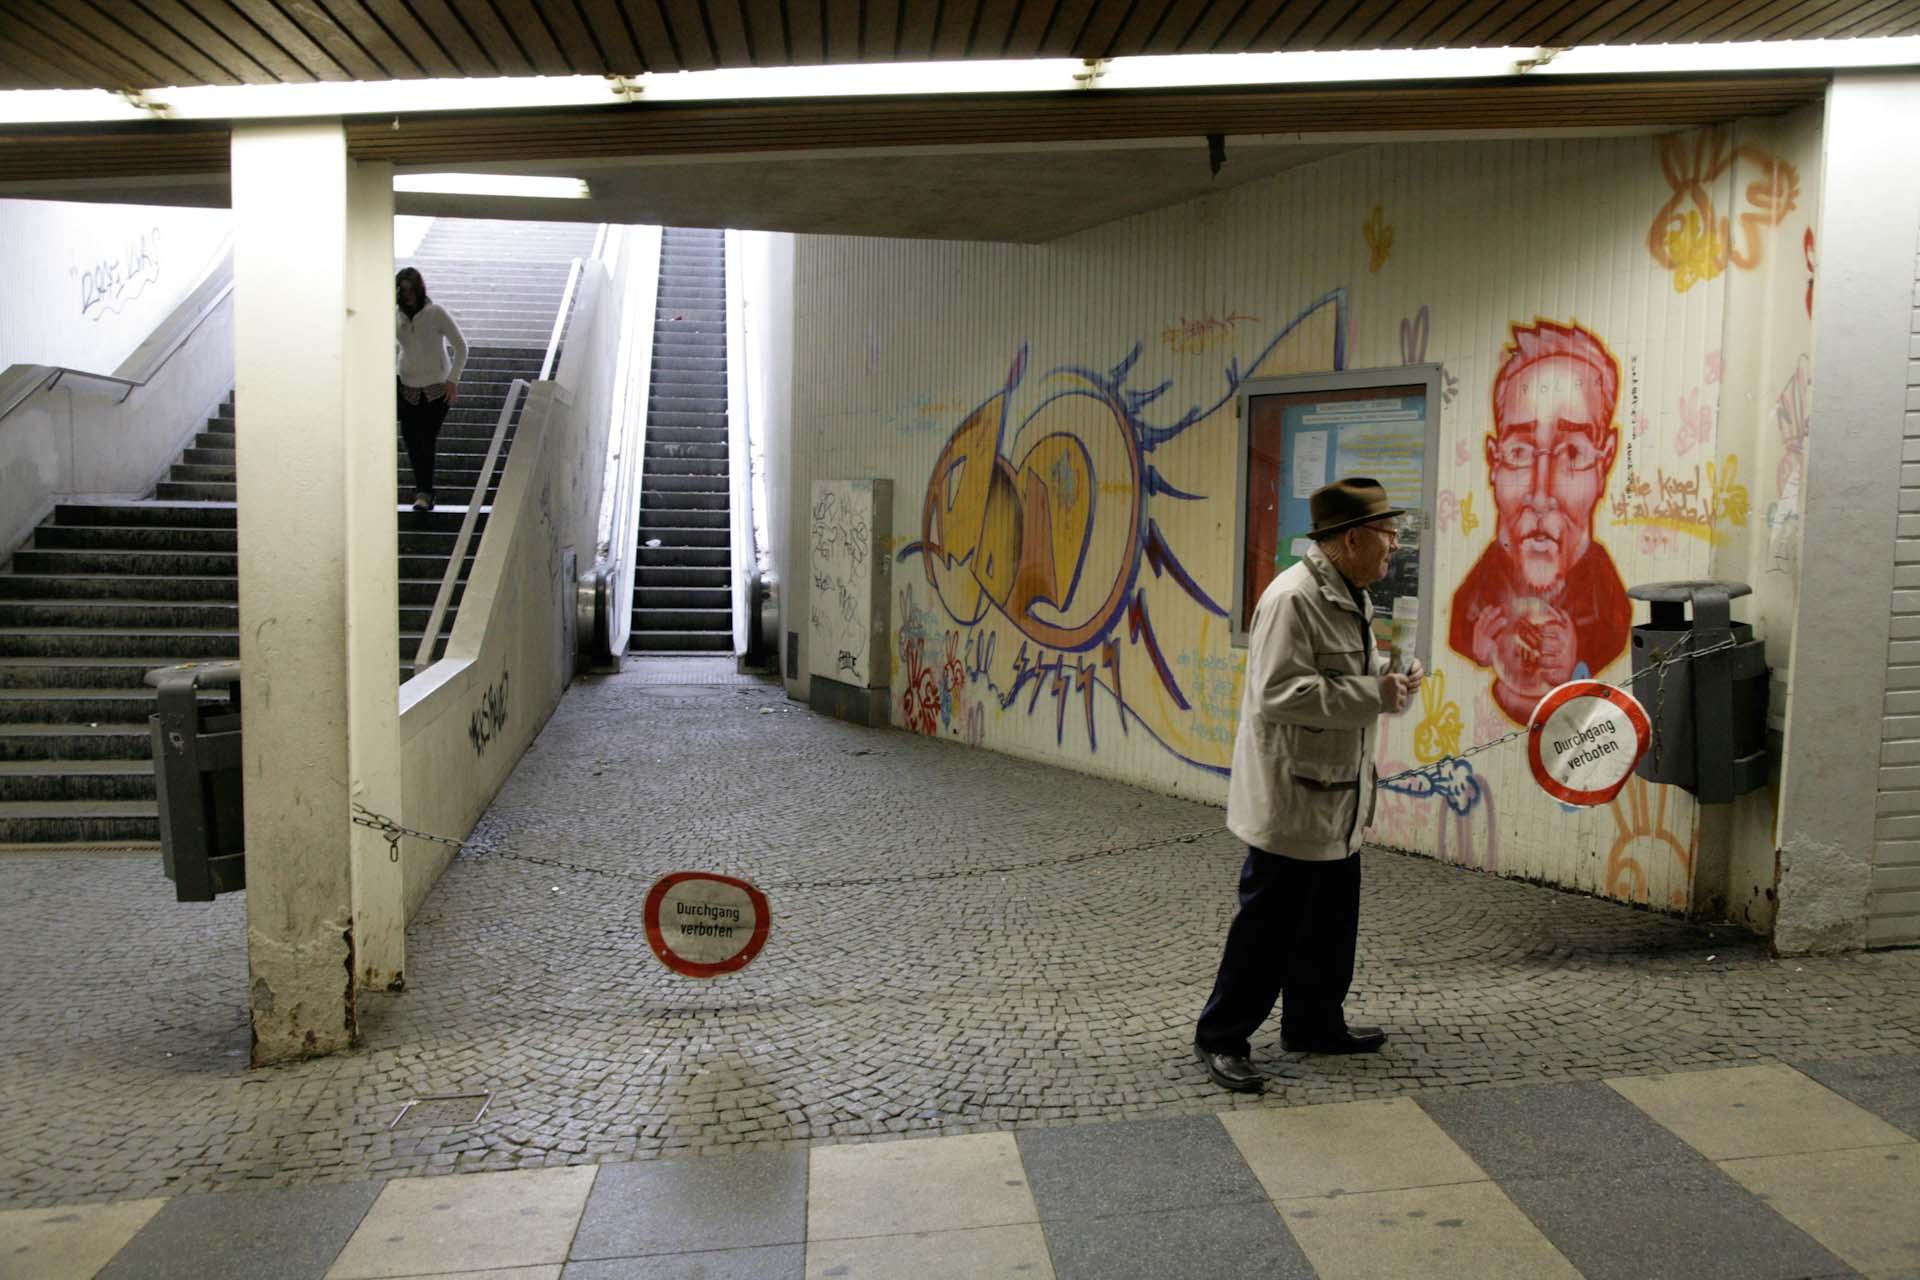 Die in die Jahre gekommene Döppersberg Unterführung, zwischen Hauptbahnhof und Fussgängerzone, auch 'Harnröhre genannt' ist nun Geschichte